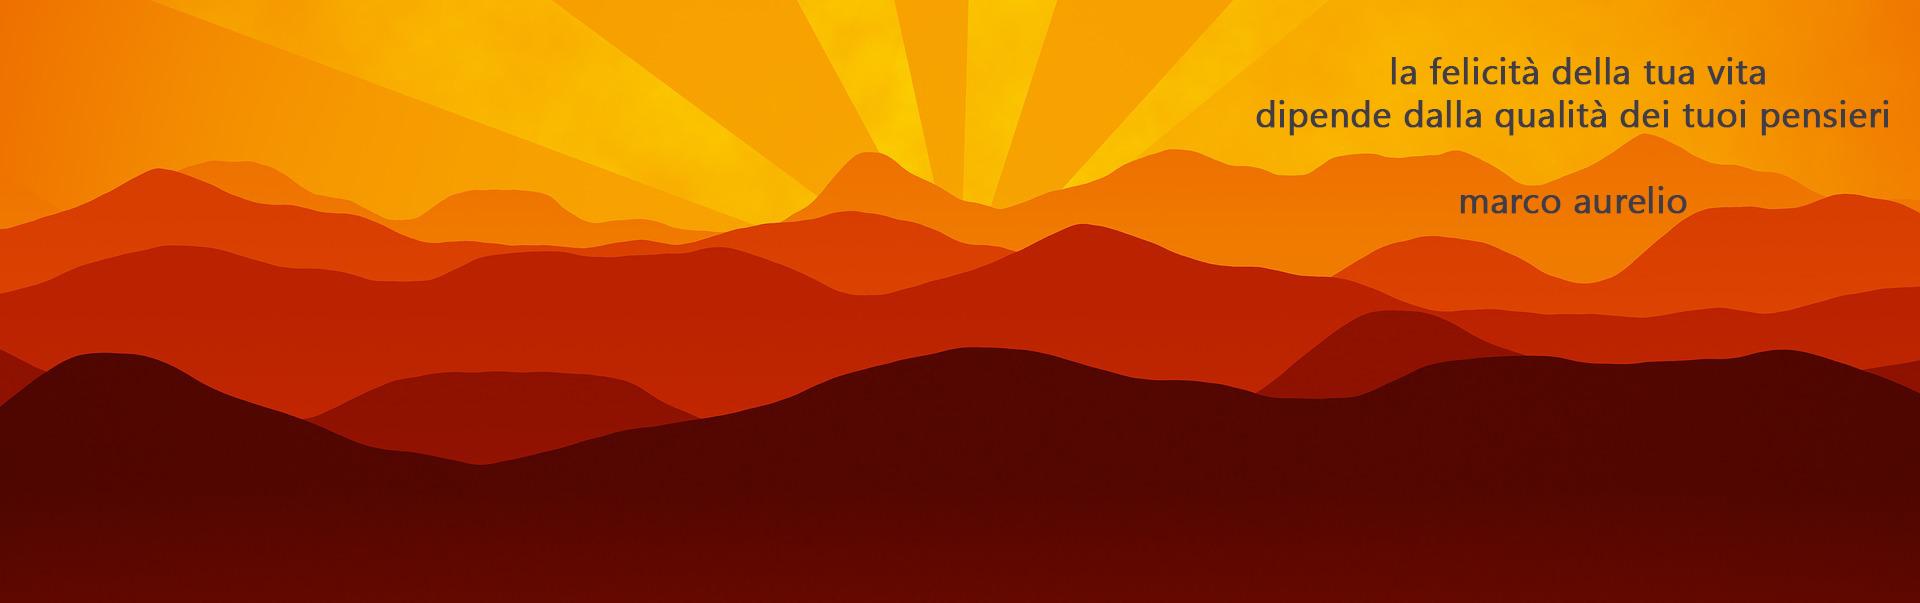 banner-arancio-citazione